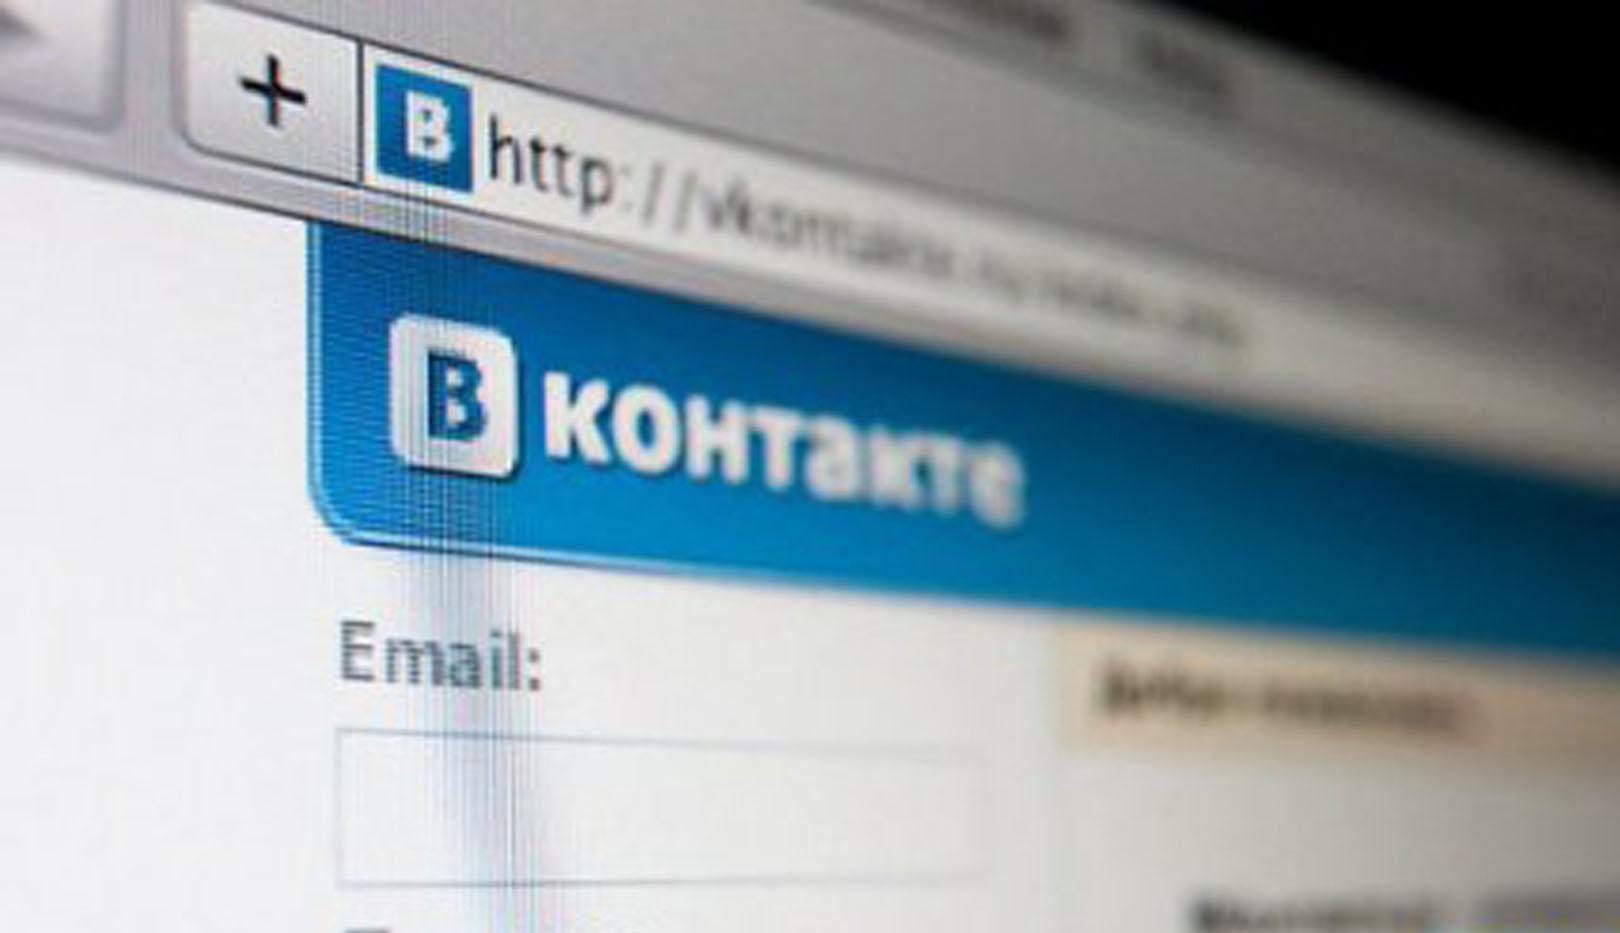 Львів'янина посадять на 5 років через поширення сепаратизму в соціальній мережі